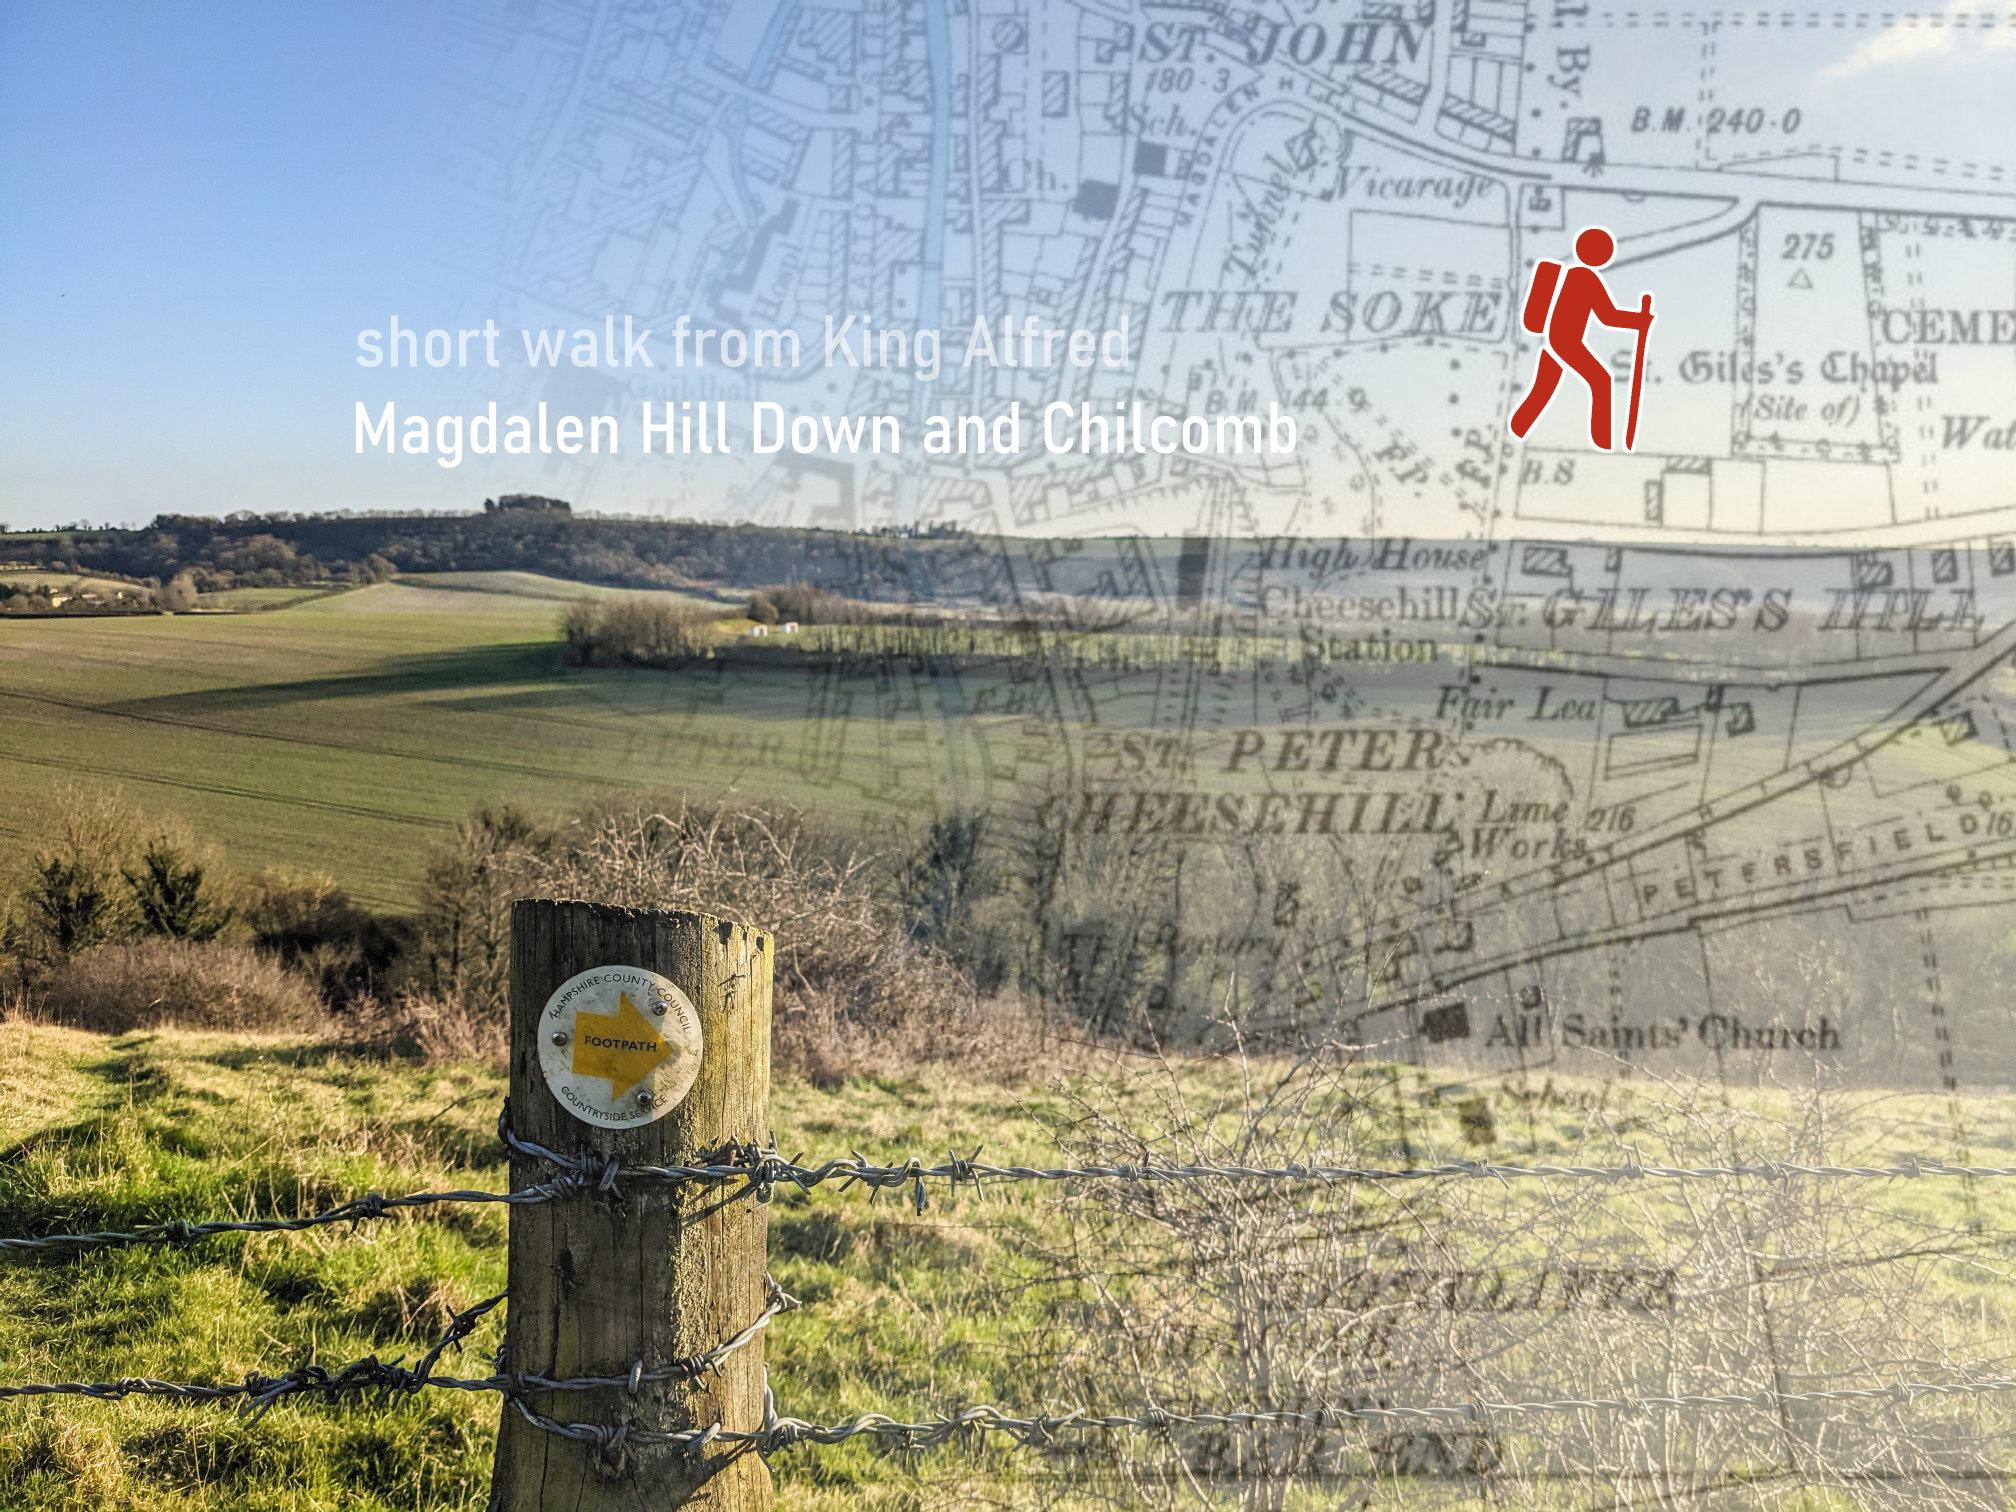 Magdalen Hill Down